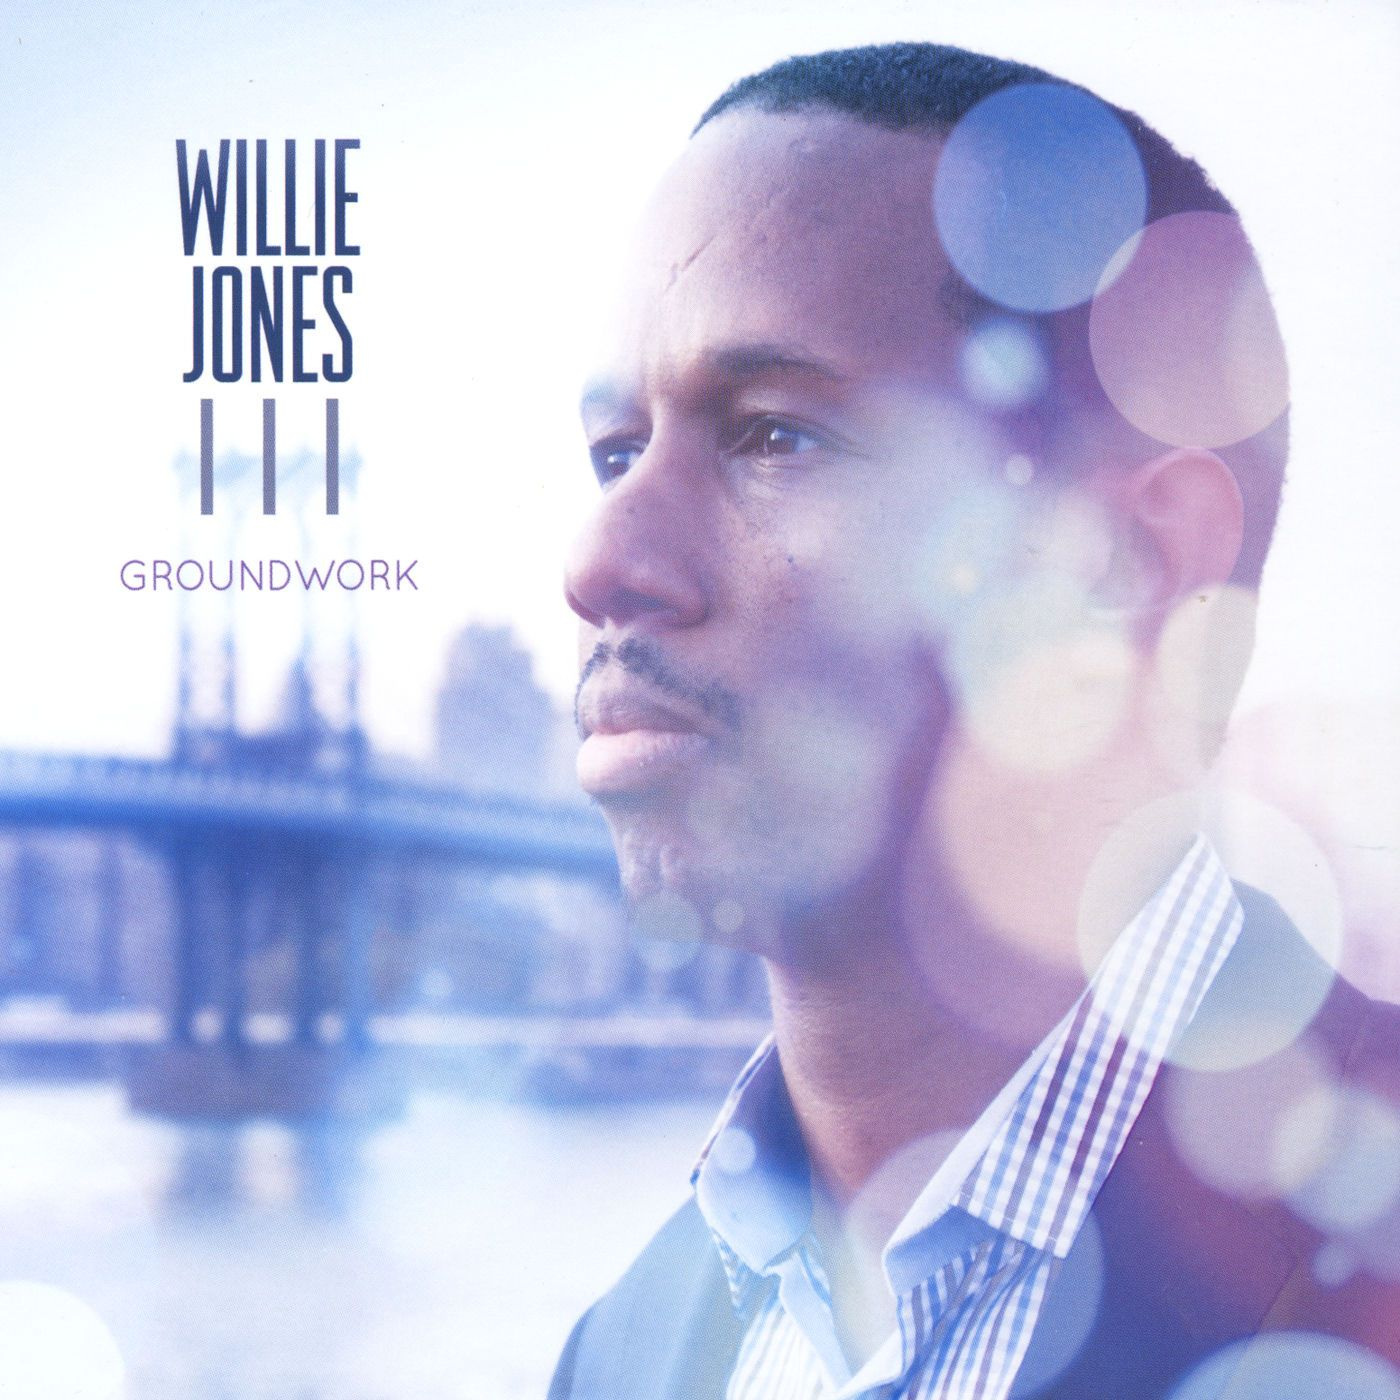 WILLIE JONES III:  GROUDWORK